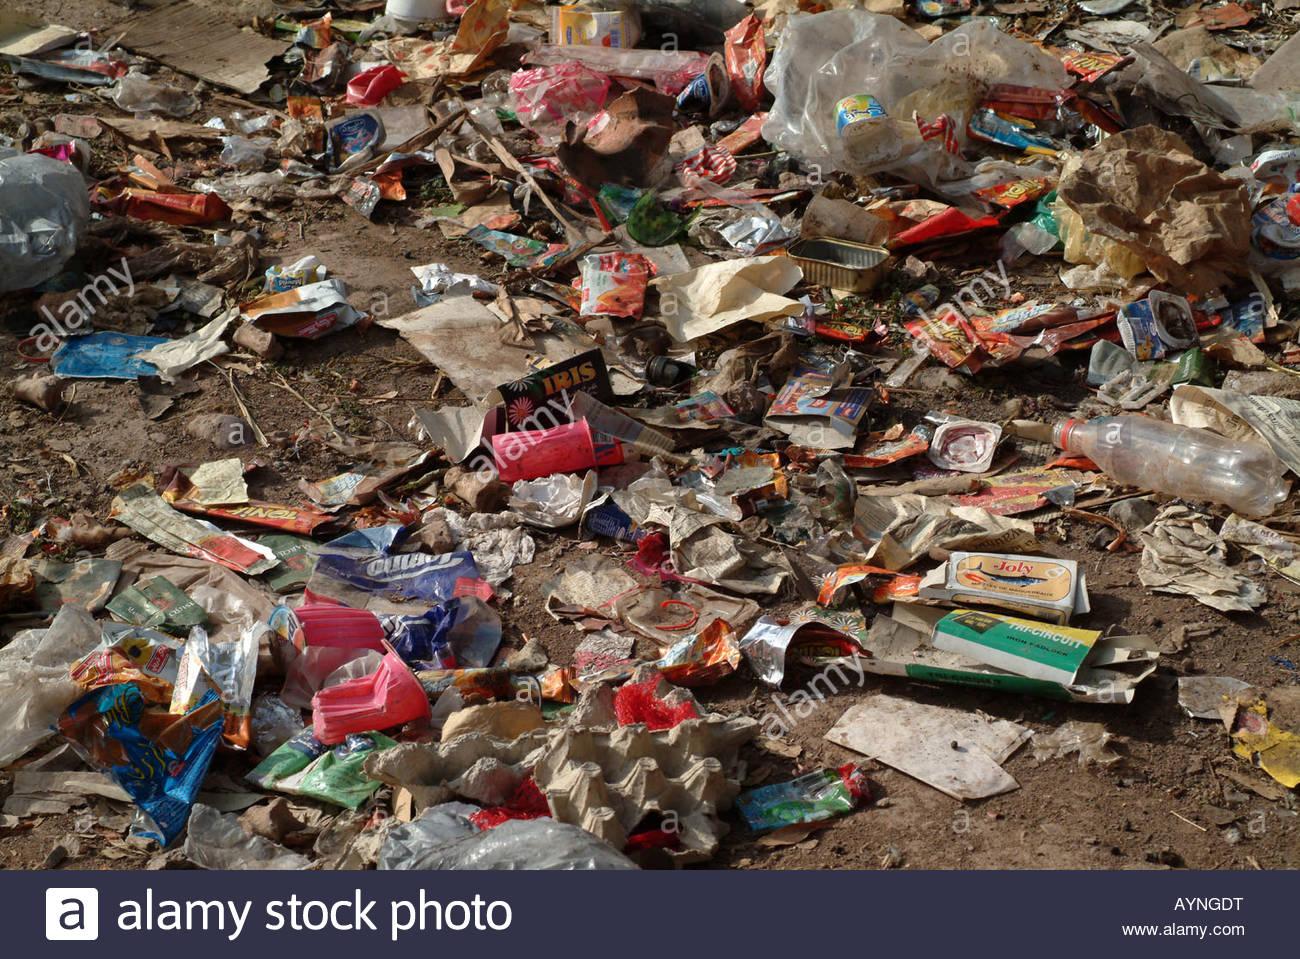 Landfill Jpg